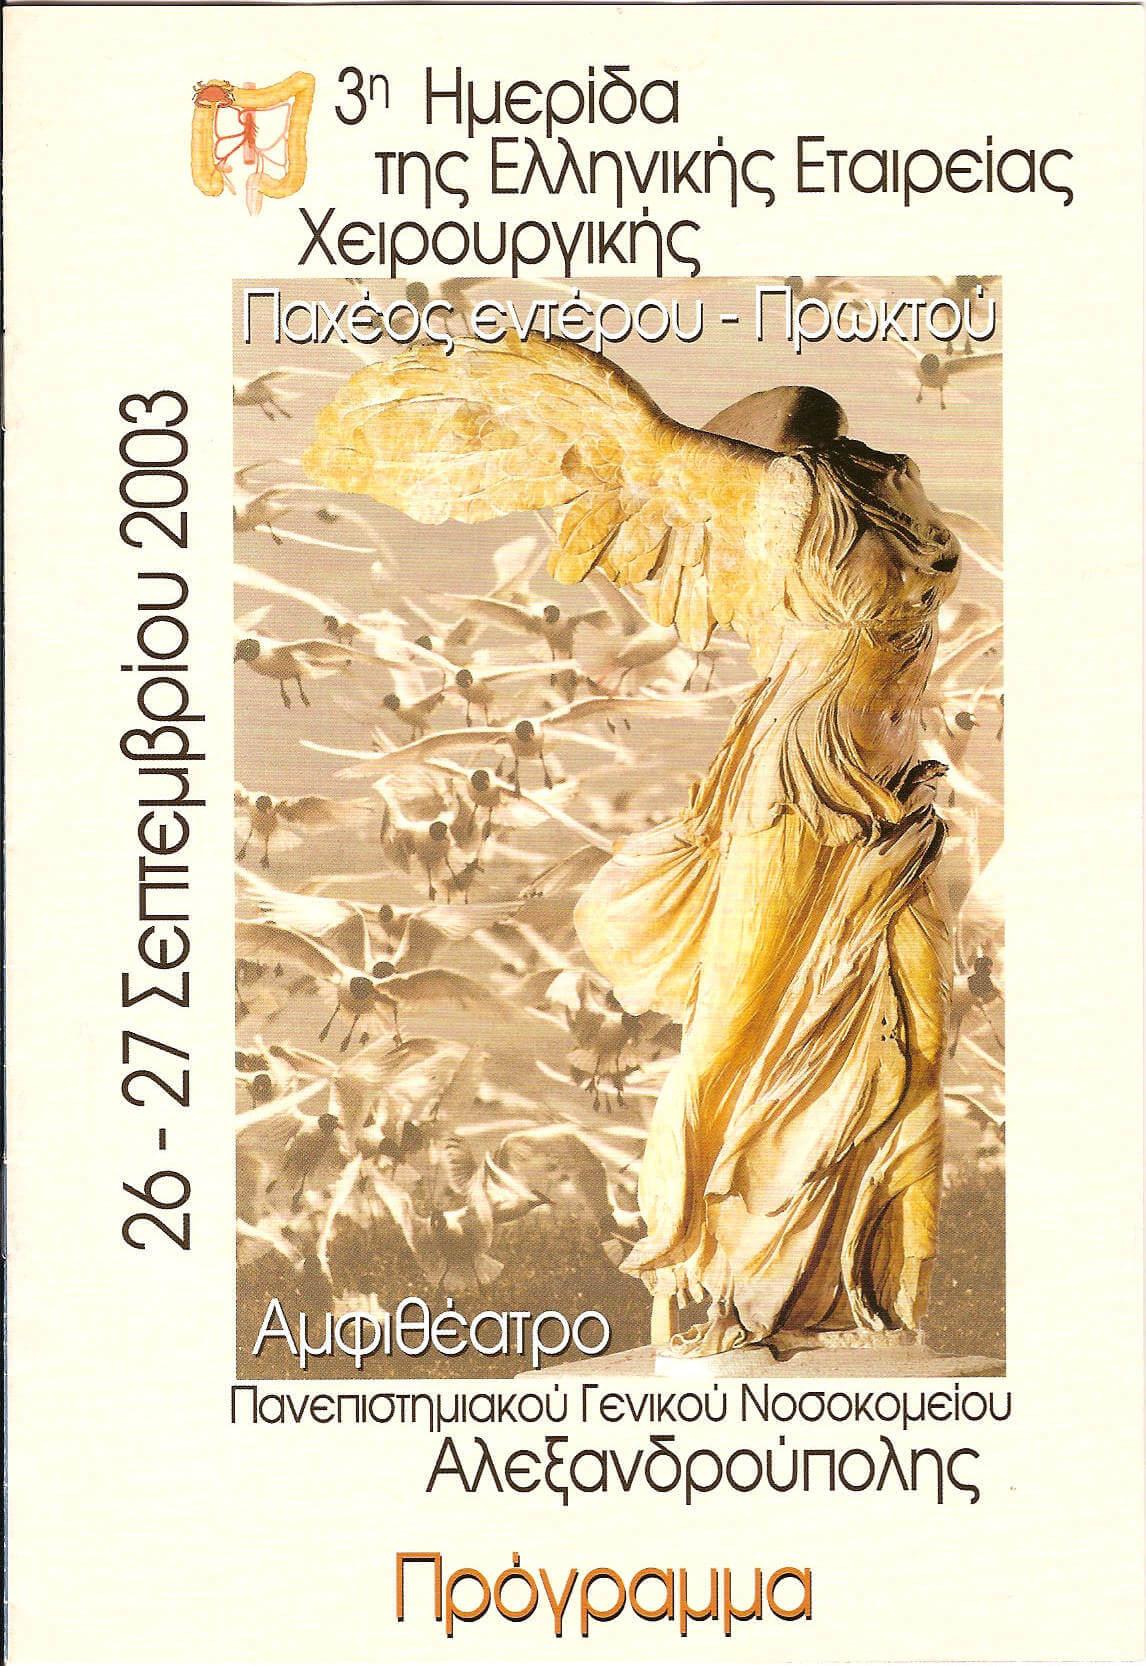 3η Ημερίδα της Ελληνικής Εταιρείας Χειρουργικής Παχέος εντέρου - Πρωκτού